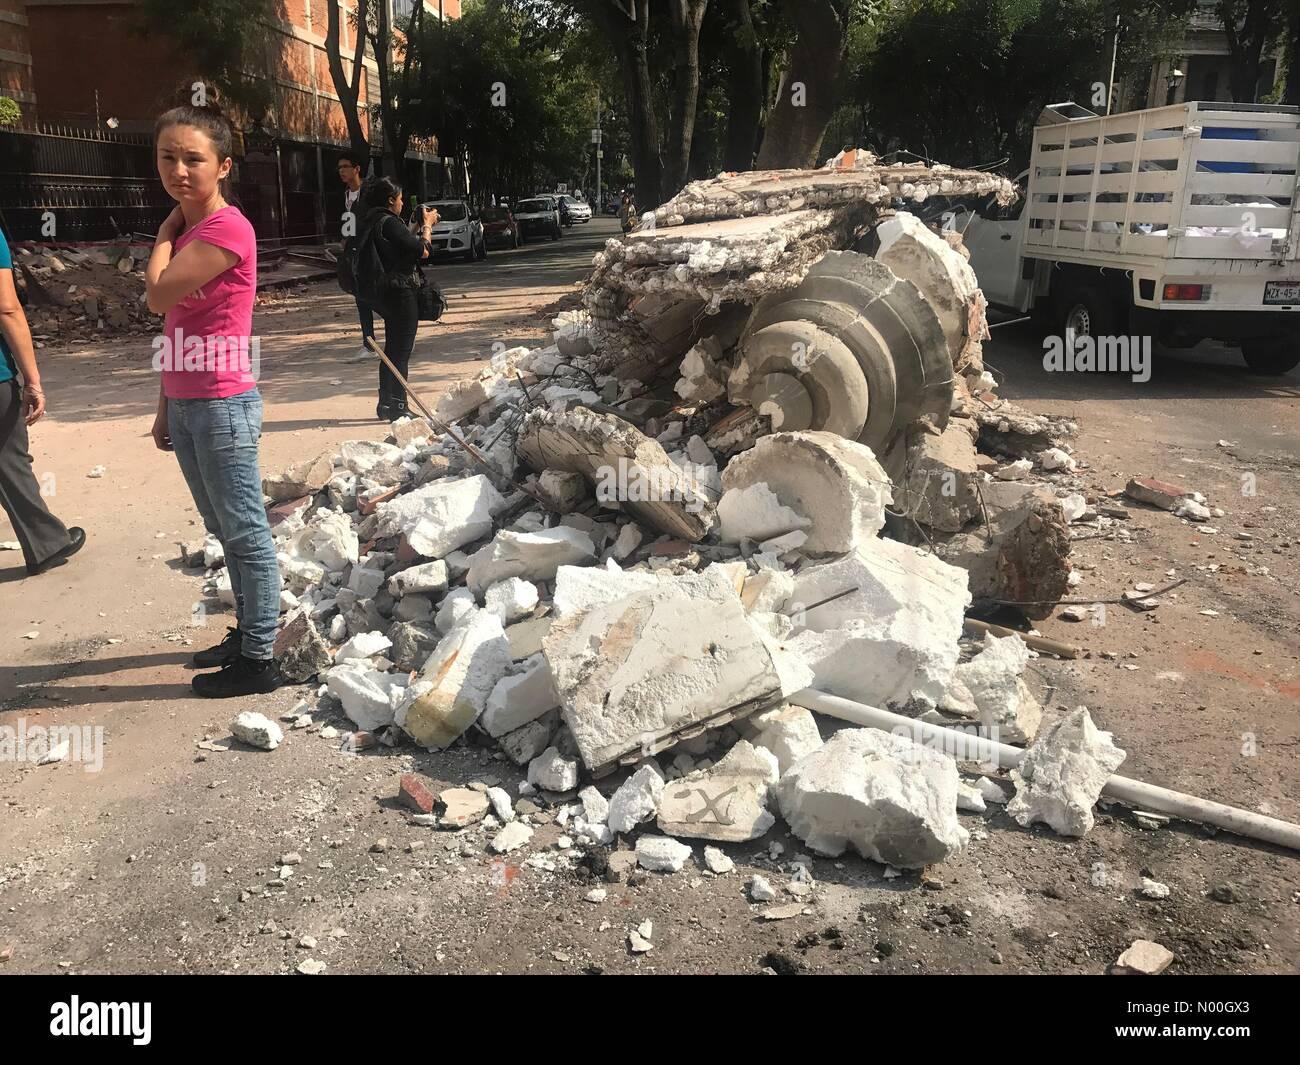 Orizaba 126, Roma Nte., Ciudad de México, Ciudad de México, Mexico. 19th Sep, 2017. A woman stands by fallen walls Stock Photo